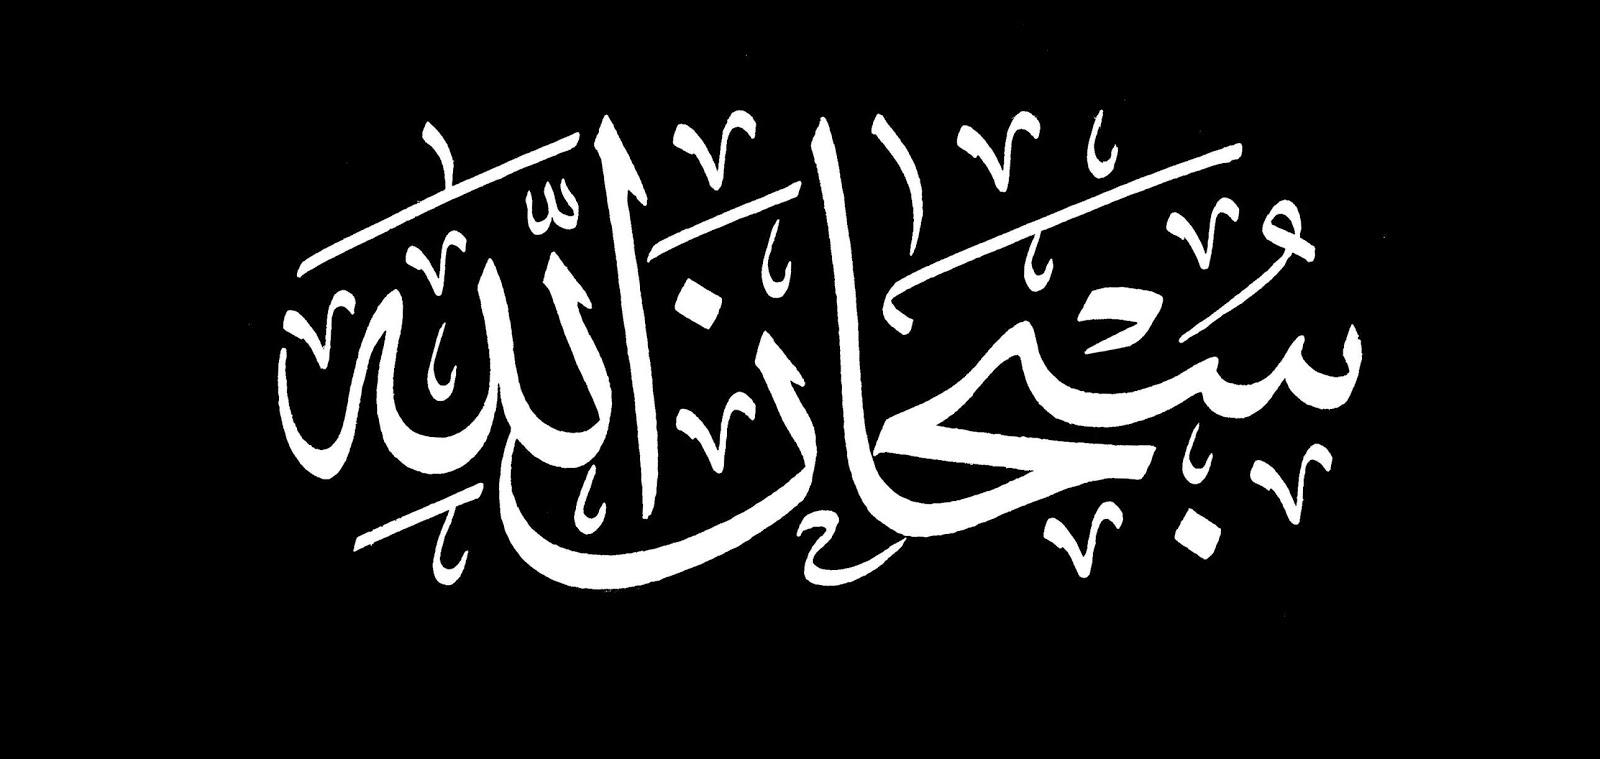 islamic,islam,images,islamic images,islamic urdu qoutes,beautiful islamic quotes in urdu images picture,islamic movie,best islamic images,islamic girls images,islamic pictures,islamic poetry with images,islamic shayari in urdu images,islamic inspirational quotes,islamic images status for jumma,islamic images whatsapp status,urdu islamic poetry with images,islamic poetry in urdu,islami jumma mubarak images